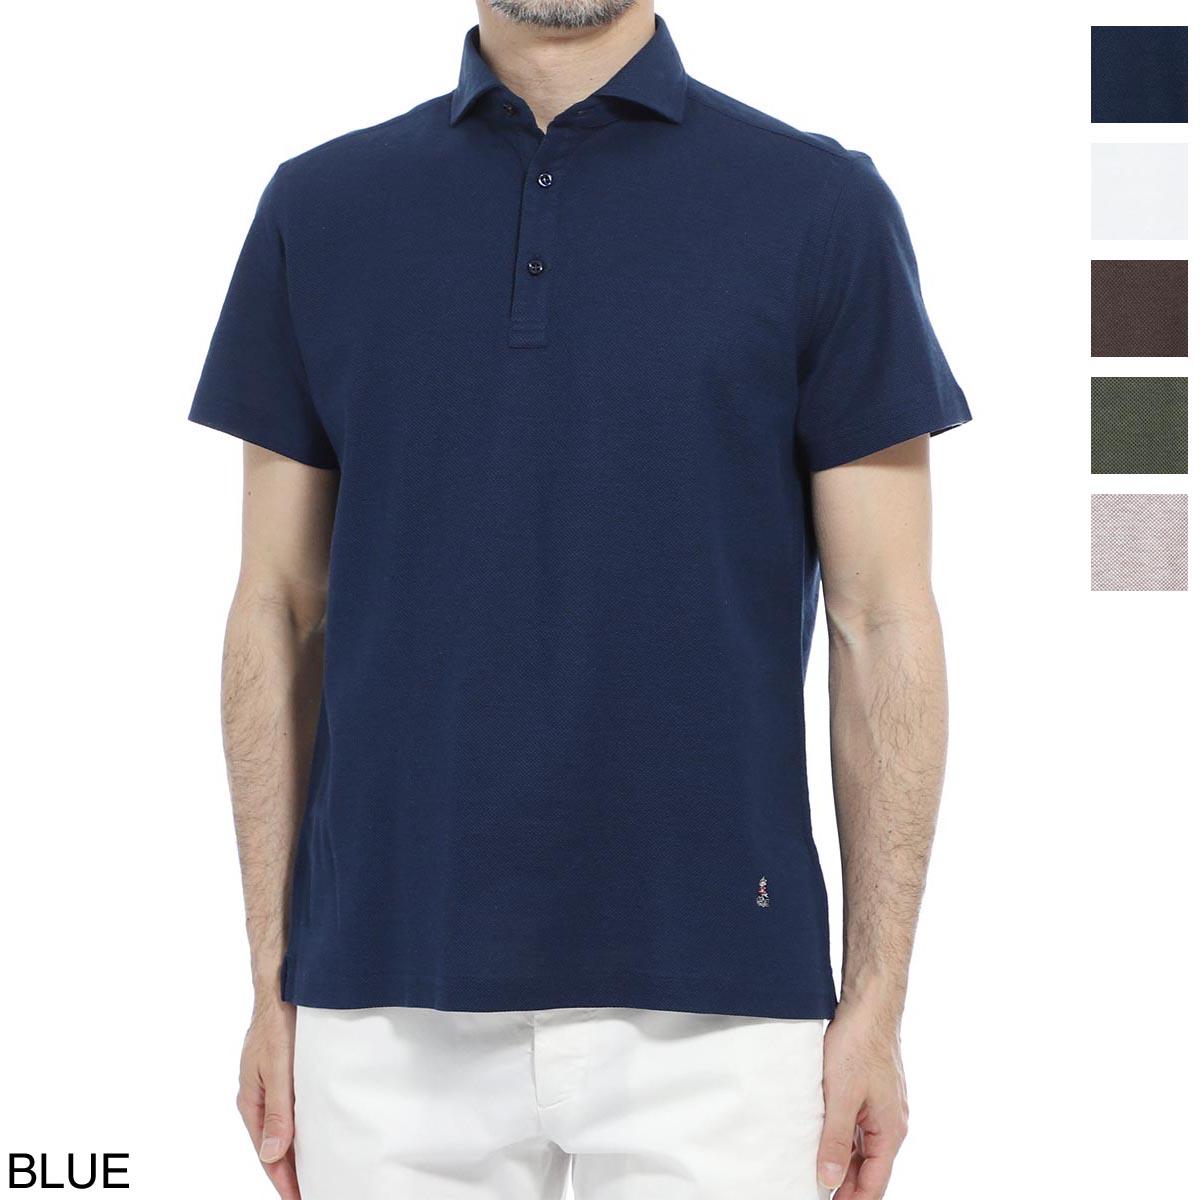 ギローバー GUY ROVER ポロシャツ メンズ 2850pc207 501505 06【あす楽対応_関東】【返品送料無料】【ラッピング無料】